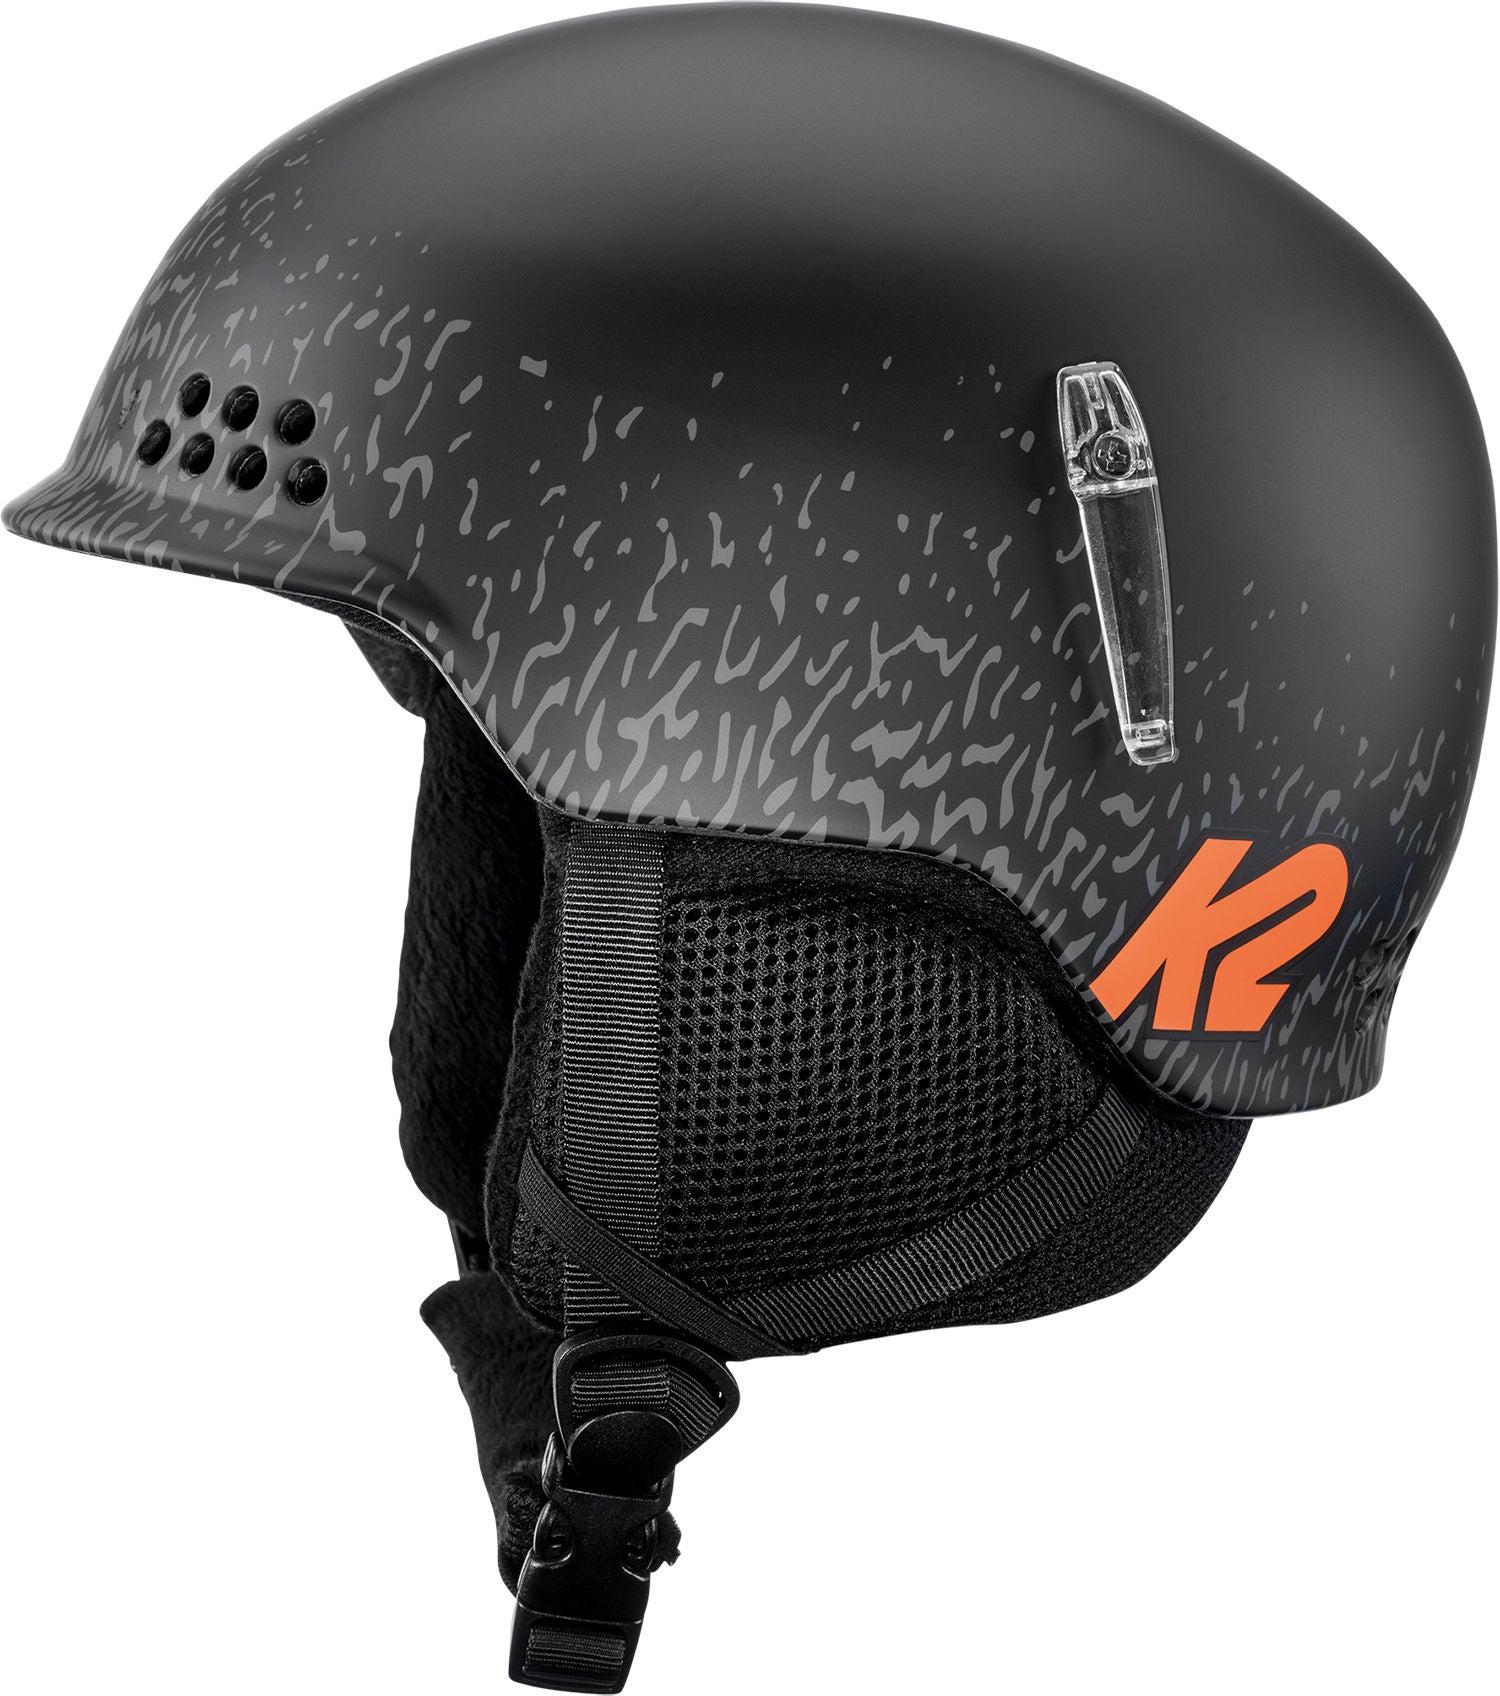 K2 Skidhjälm Illusion, Svart, 51-55 cm